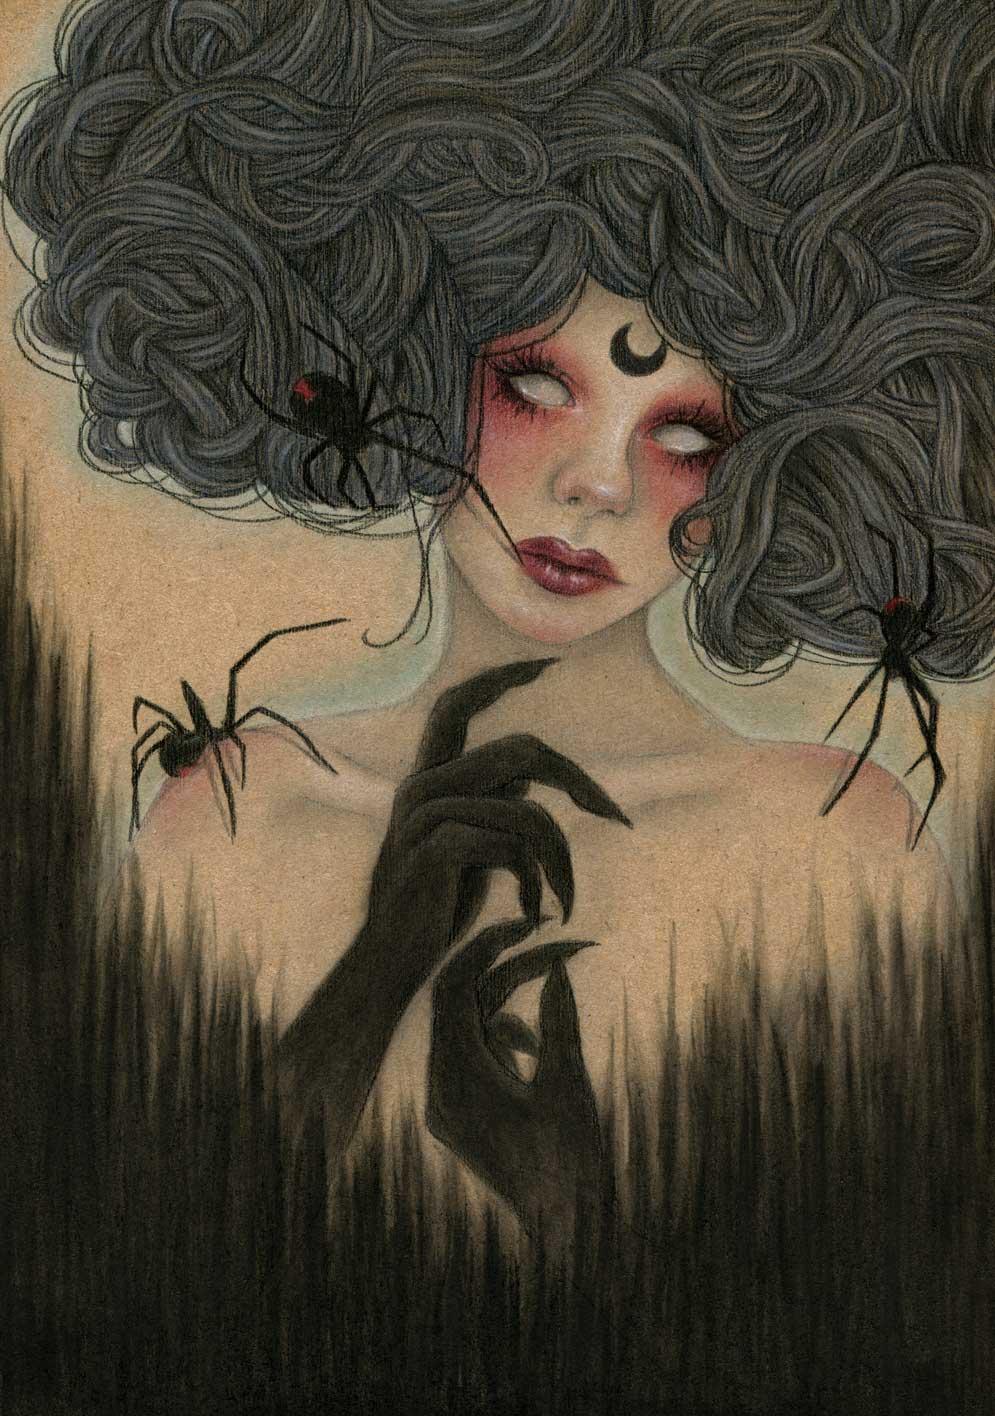 Spider Gothic